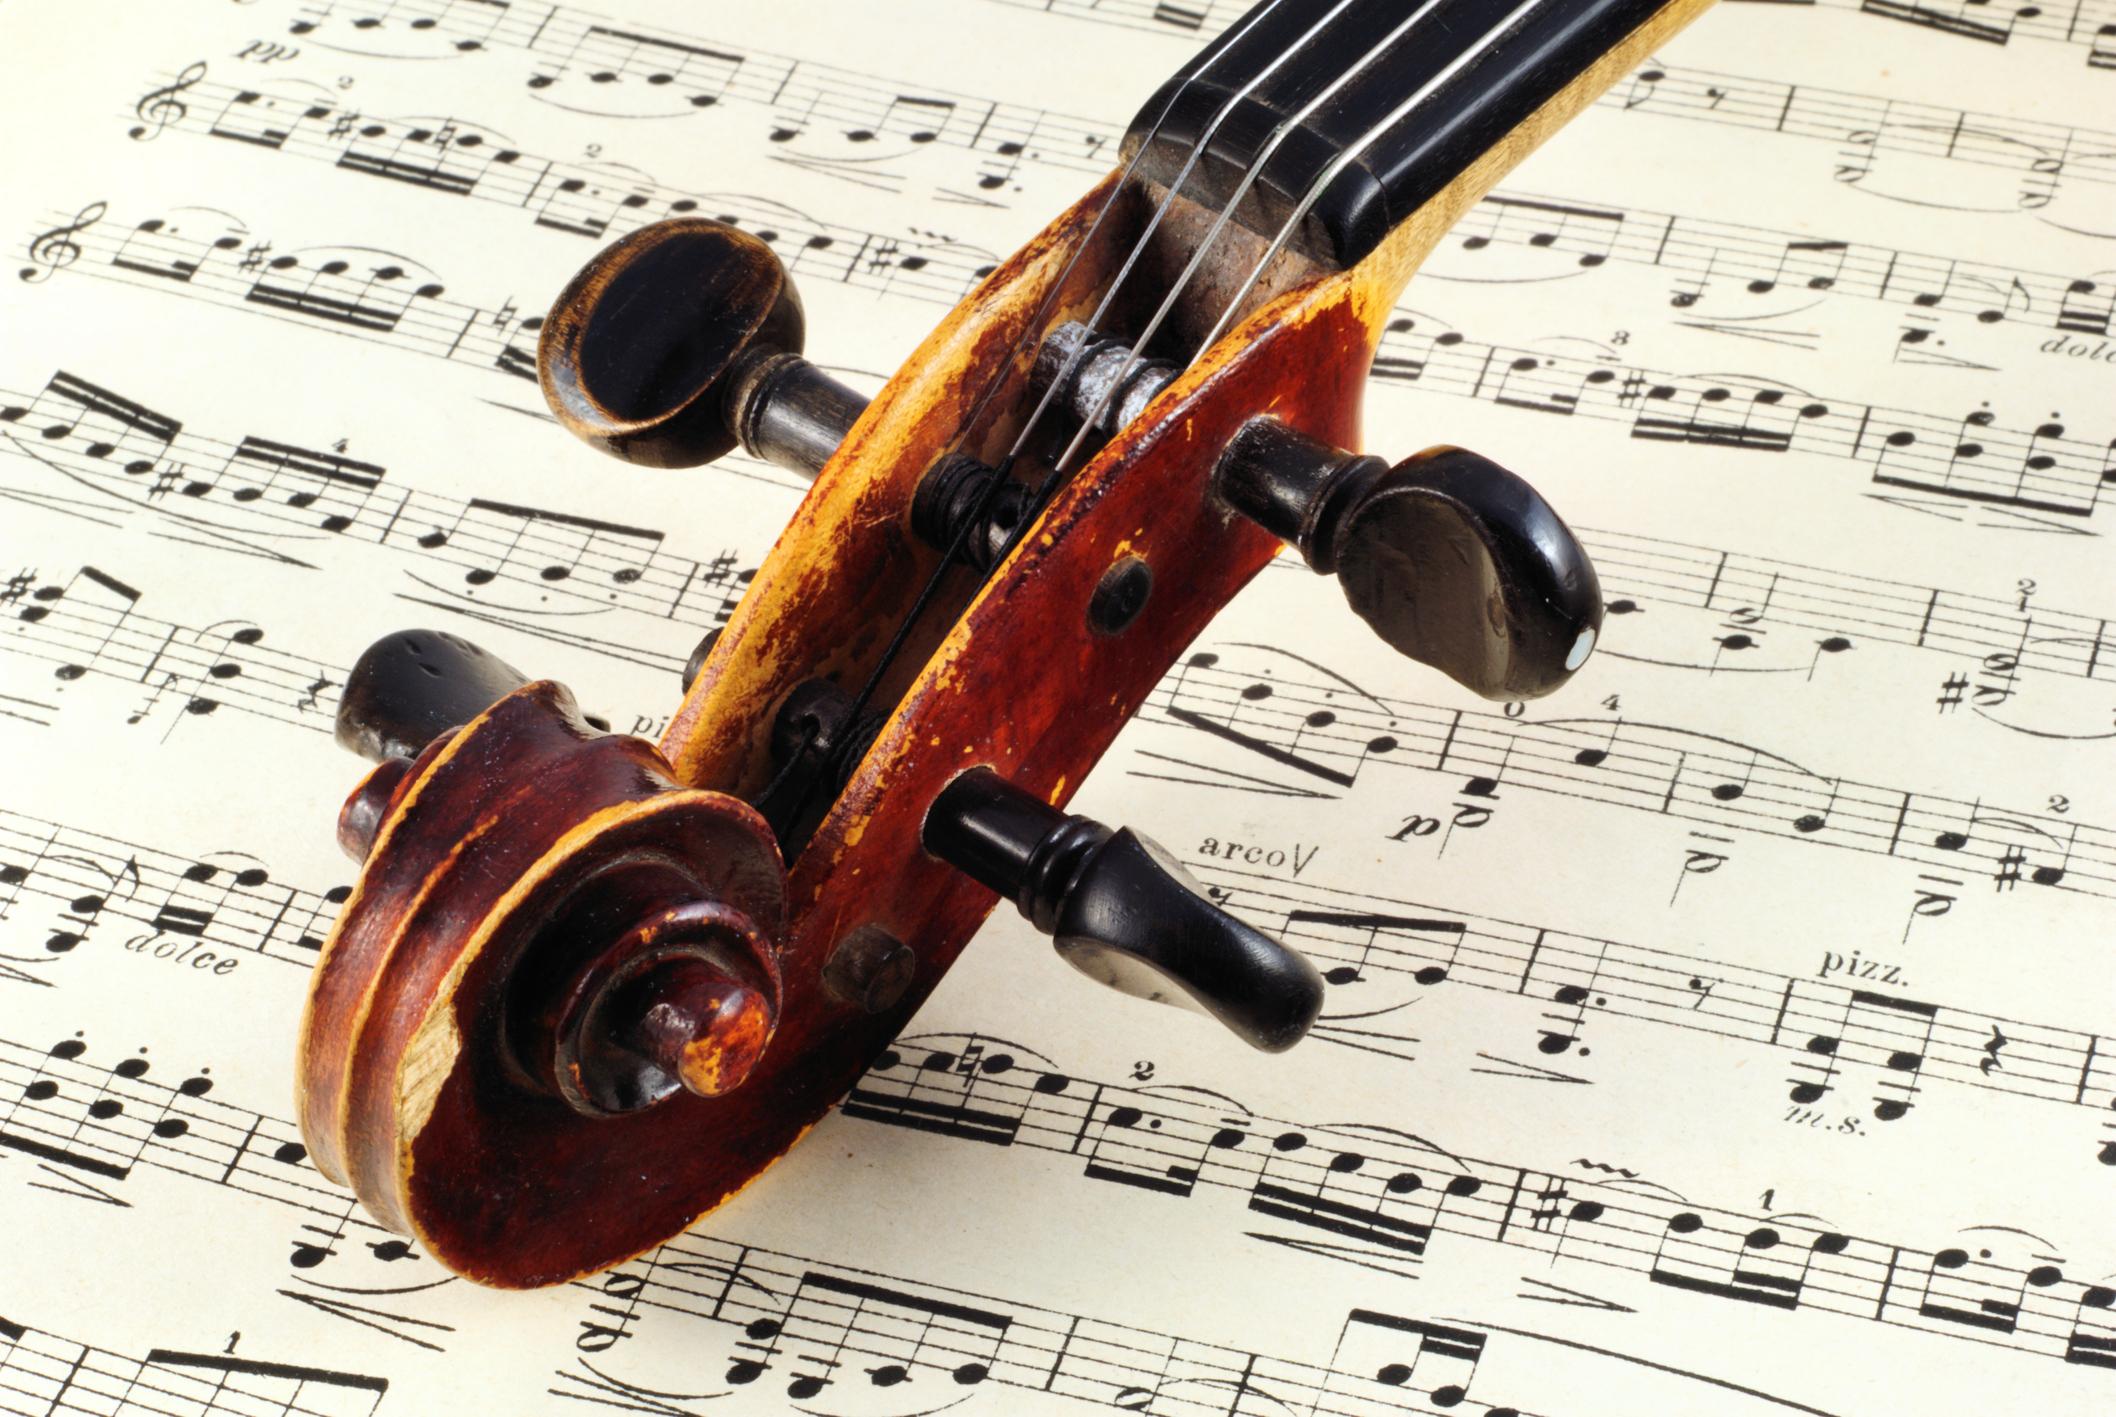 Cea de-a 10-a simfonie a lui Beethoven, finalizată după 200 de ani cu ajutorul Inteligenţei artificiale